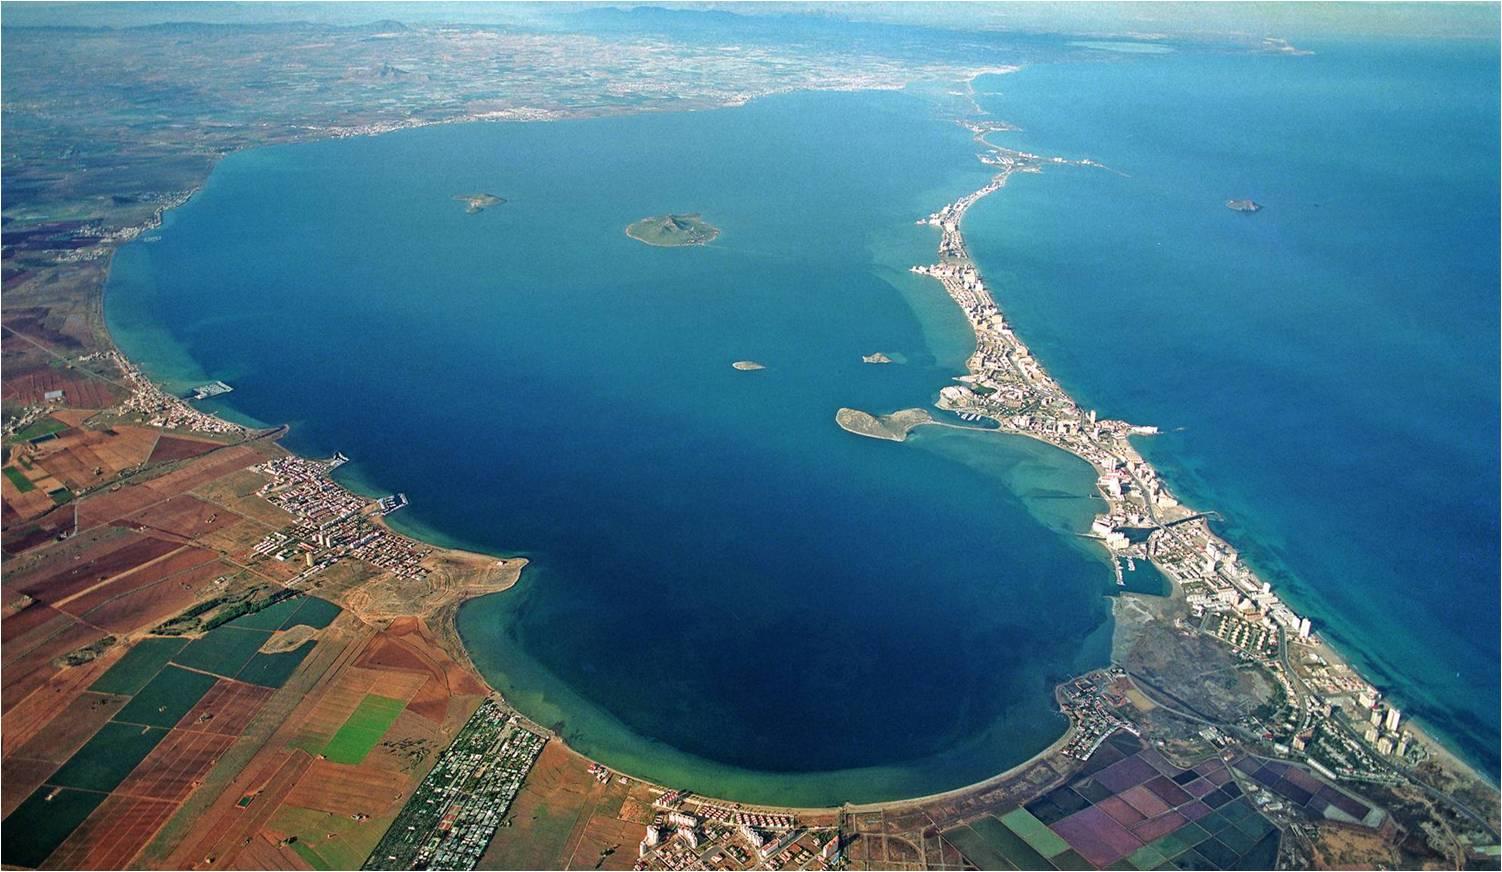 Коста бланка обзор курортов мира